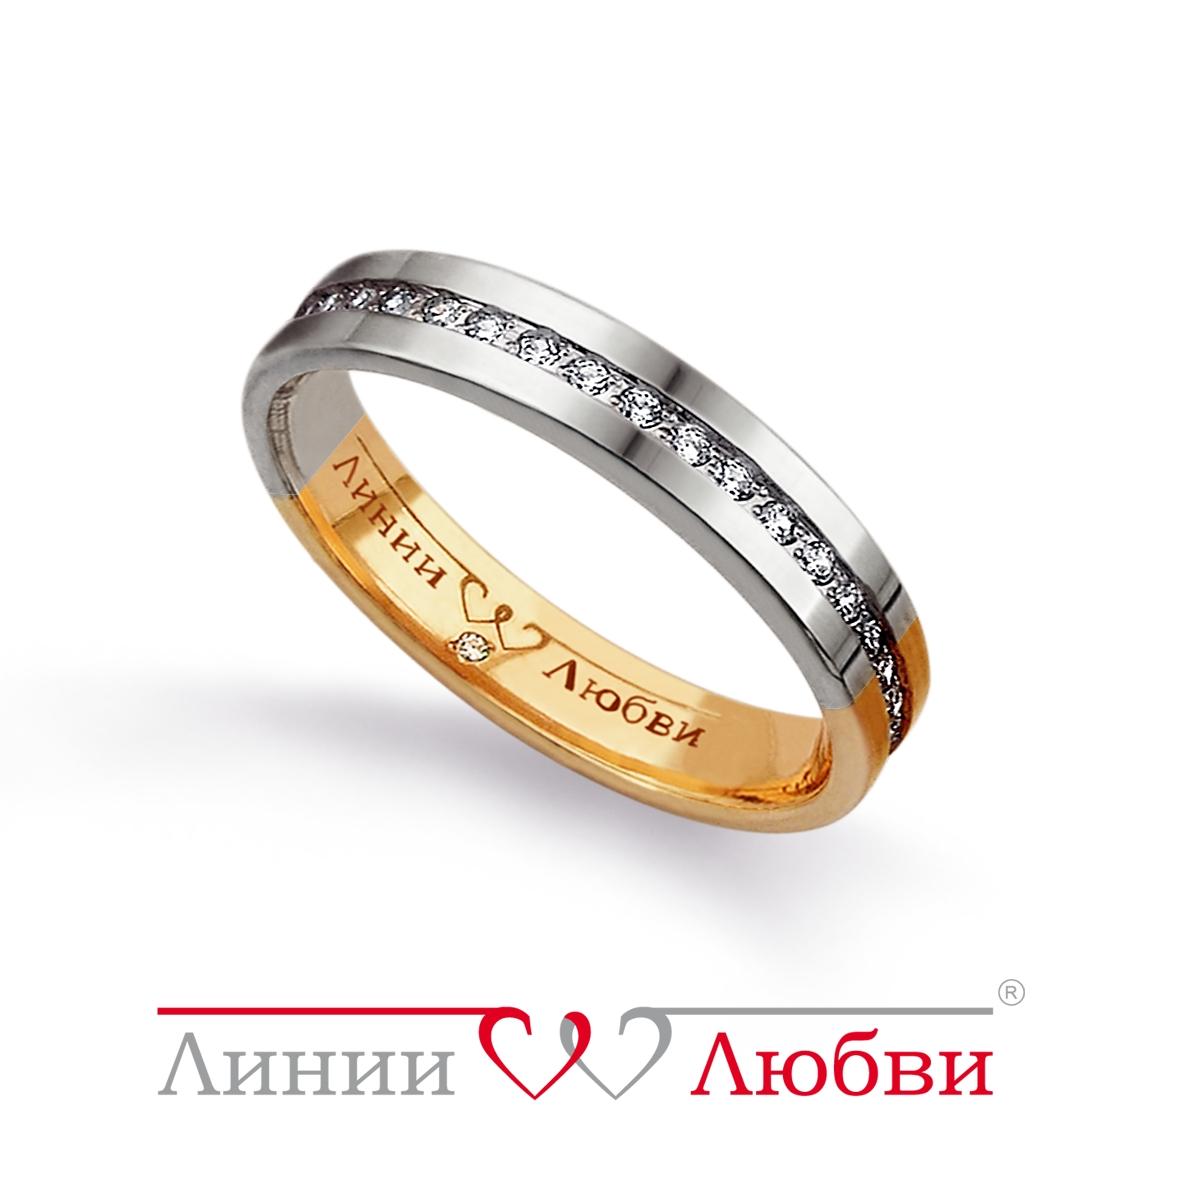 Обручальное кольцо с бриллиантами Линии Любви. Производитель: КоЮЗ Топаз, артикул: 8014423